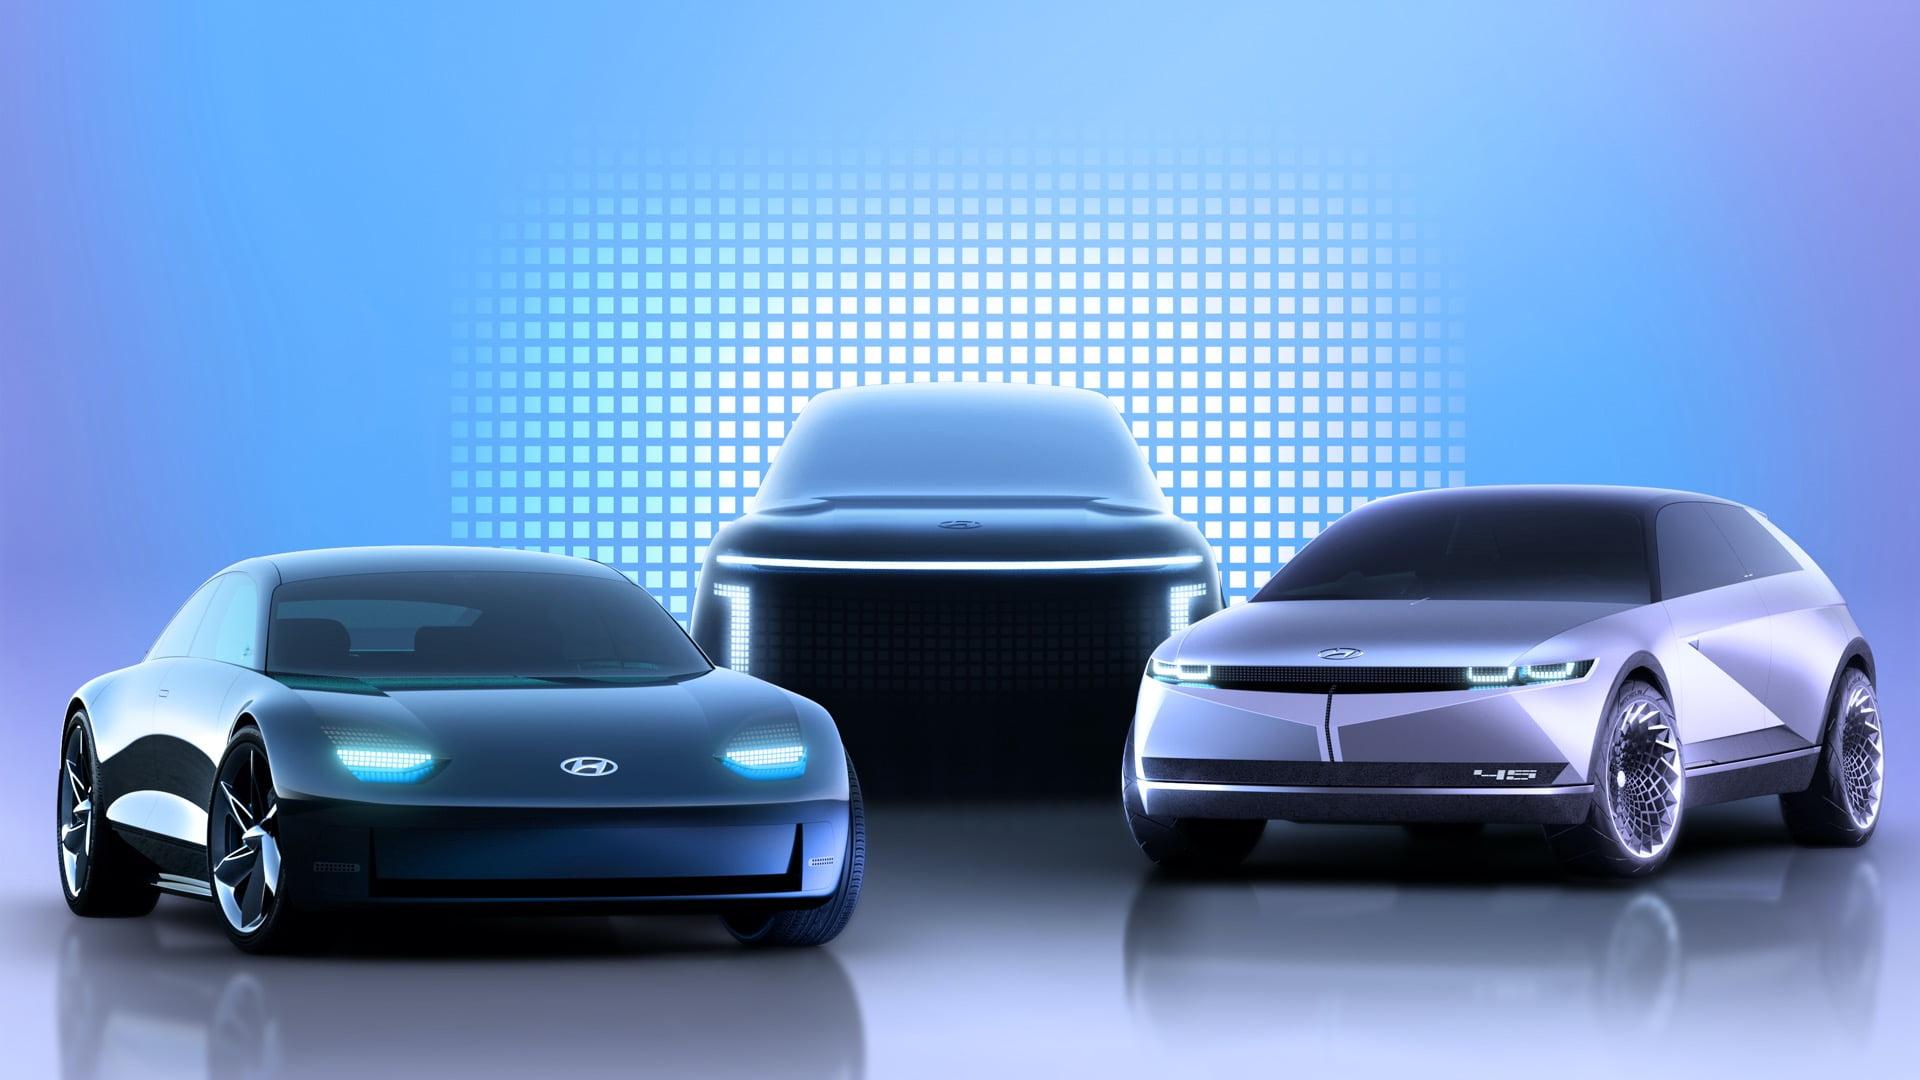 Hyundai invertirá 7.400 millones de dólares en producción de autos eléctricos